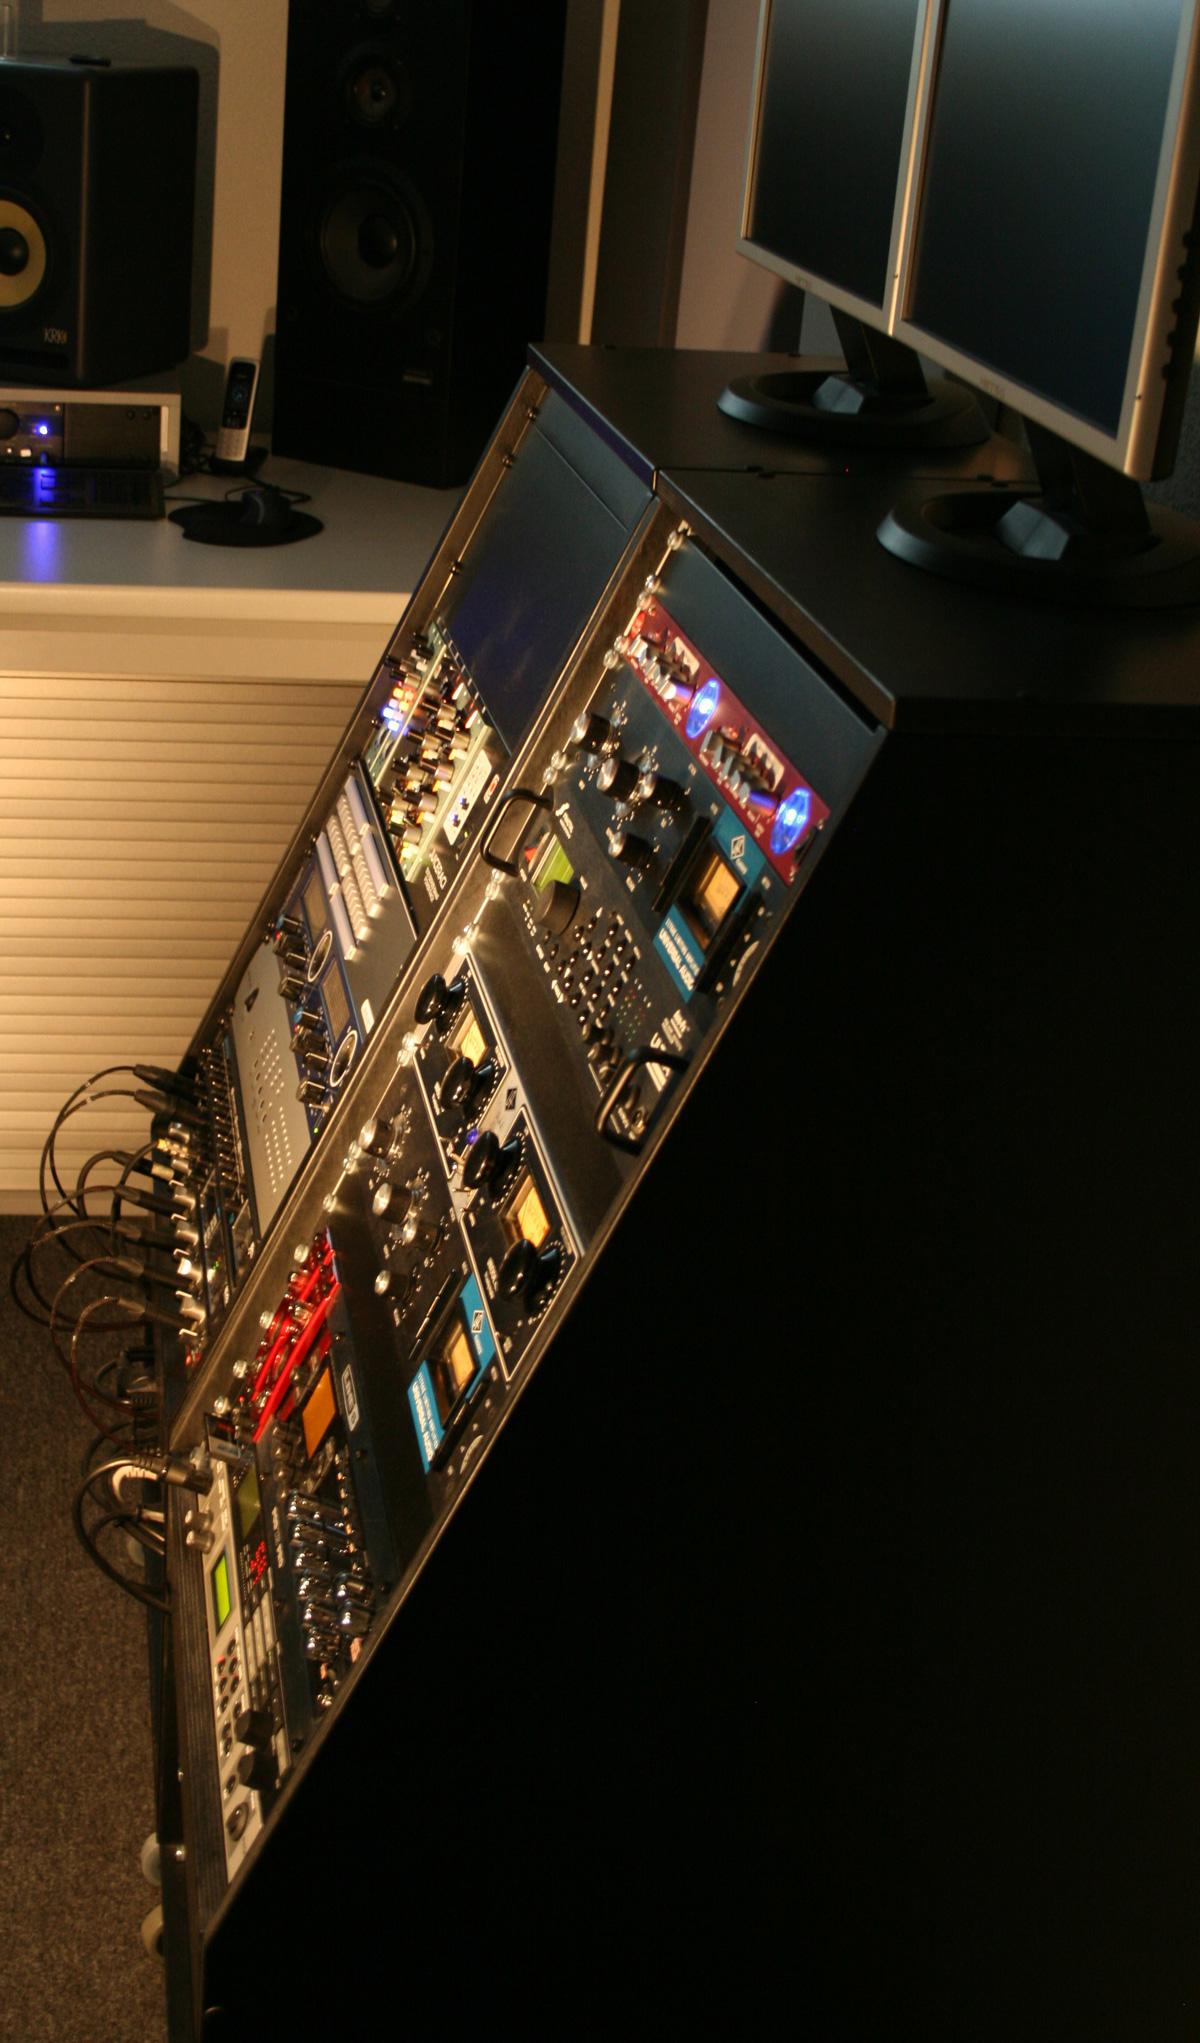 Soundfabrik Rack / Hardware - soundfabrik.ch